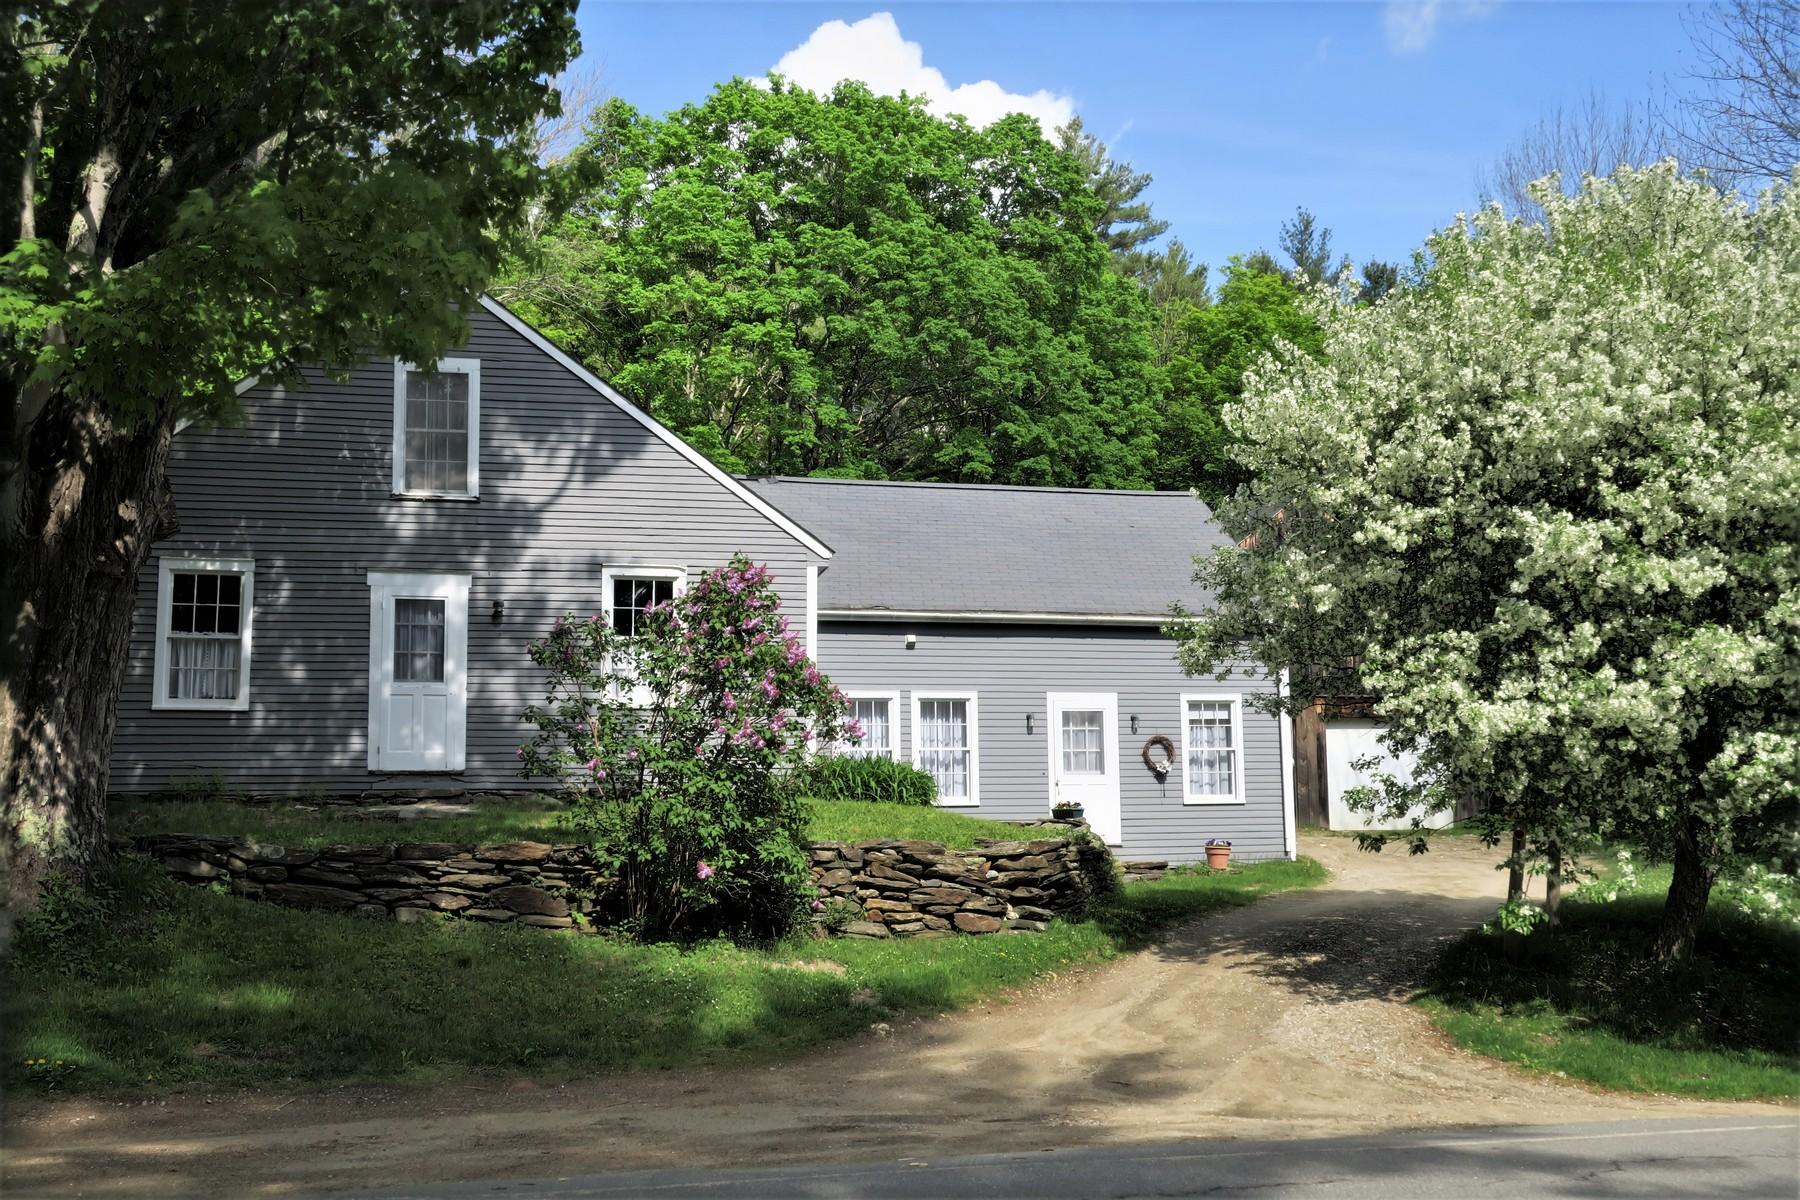 단독 가정 주택 용 매매 에 Enchanting 1850 Farmhouse with 50 Acres 4364 Windham Hill Rd, Windham, 베르몬트, 05359 미국